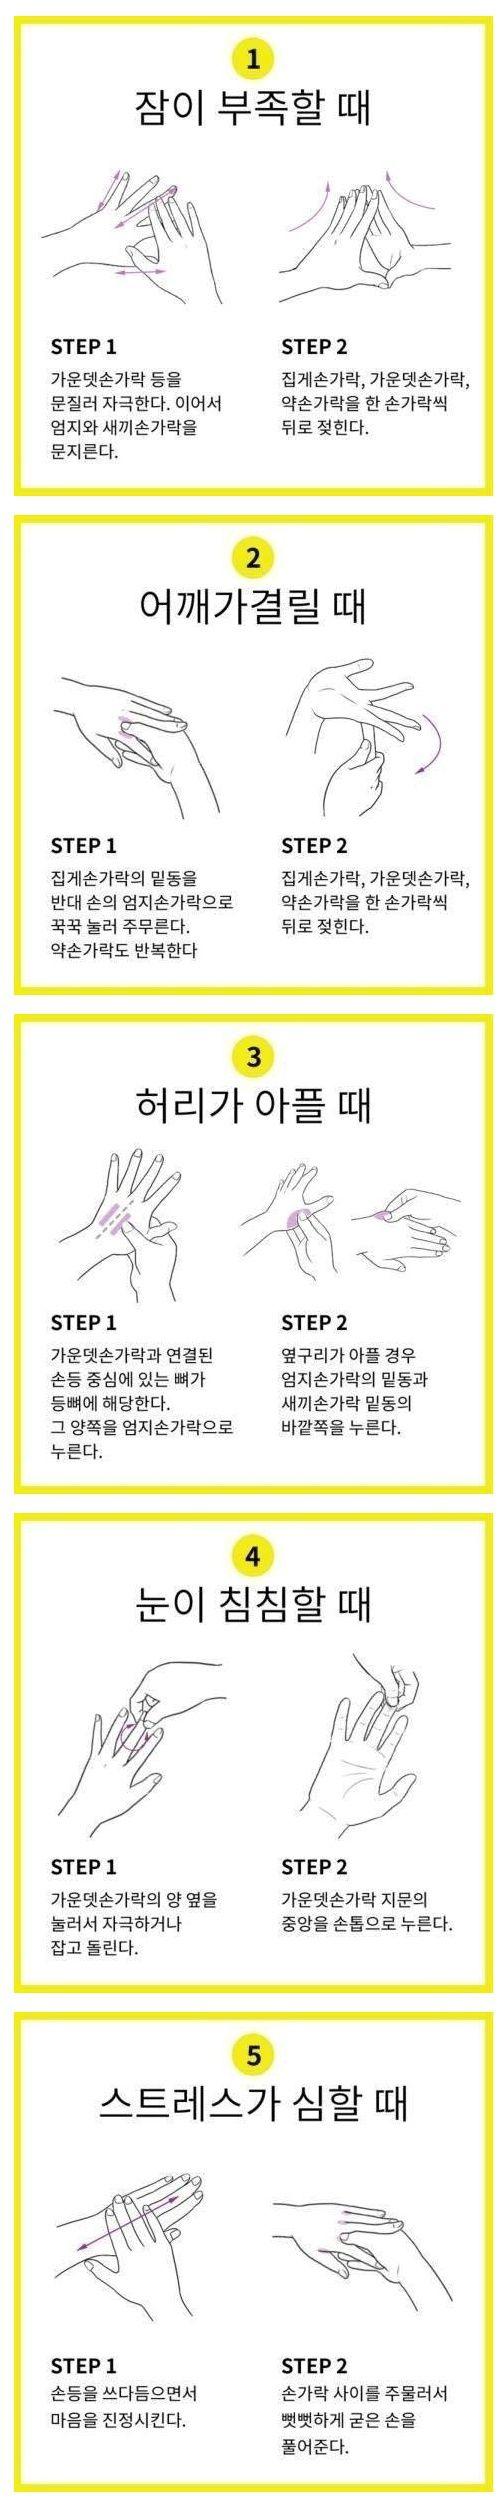 이슈인 - 간편한 손 지압법